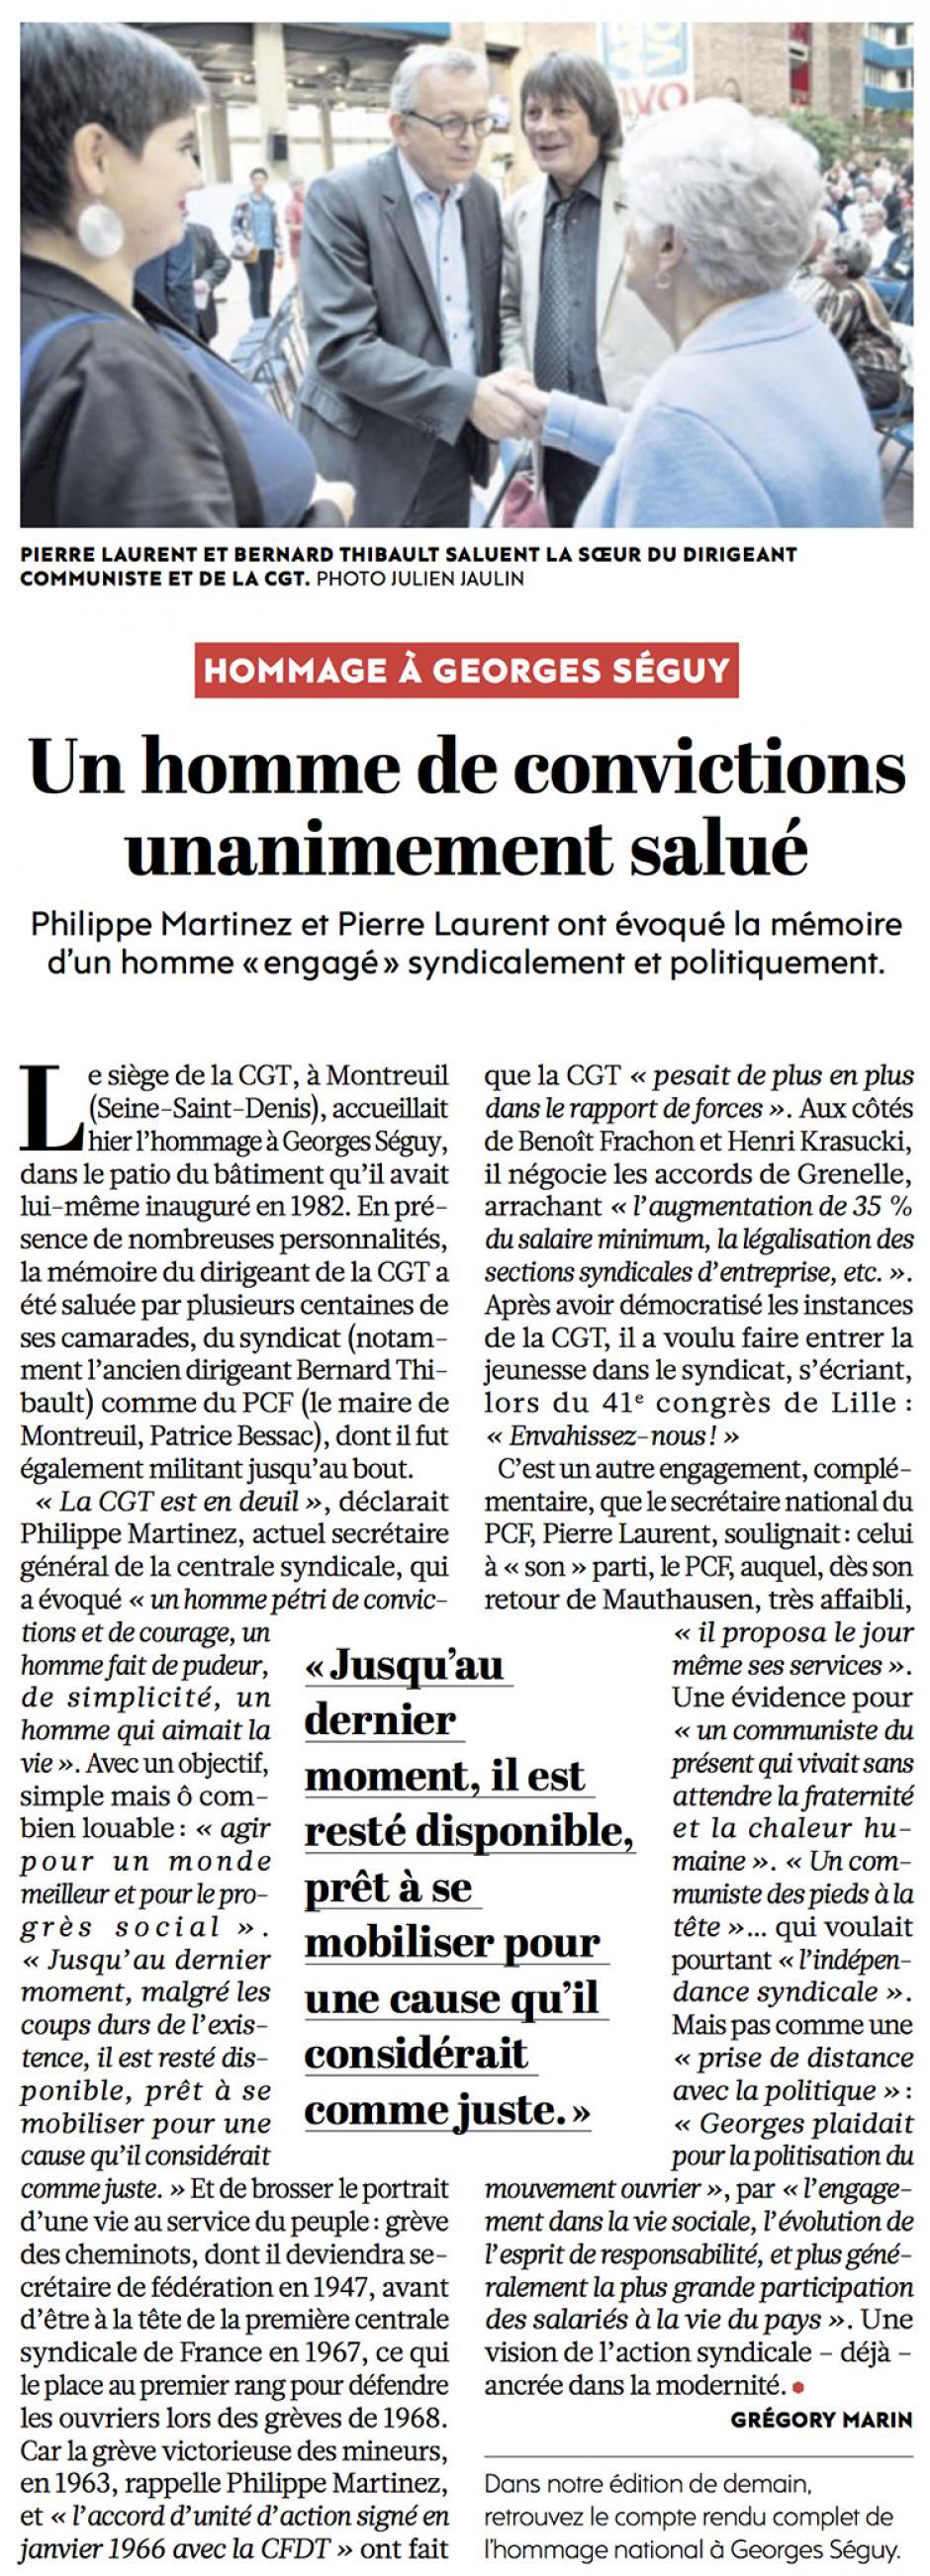 20160921-L'Huma-Montreuil-Hommage à Georges Séguy : un homme de convictions unanimement salué